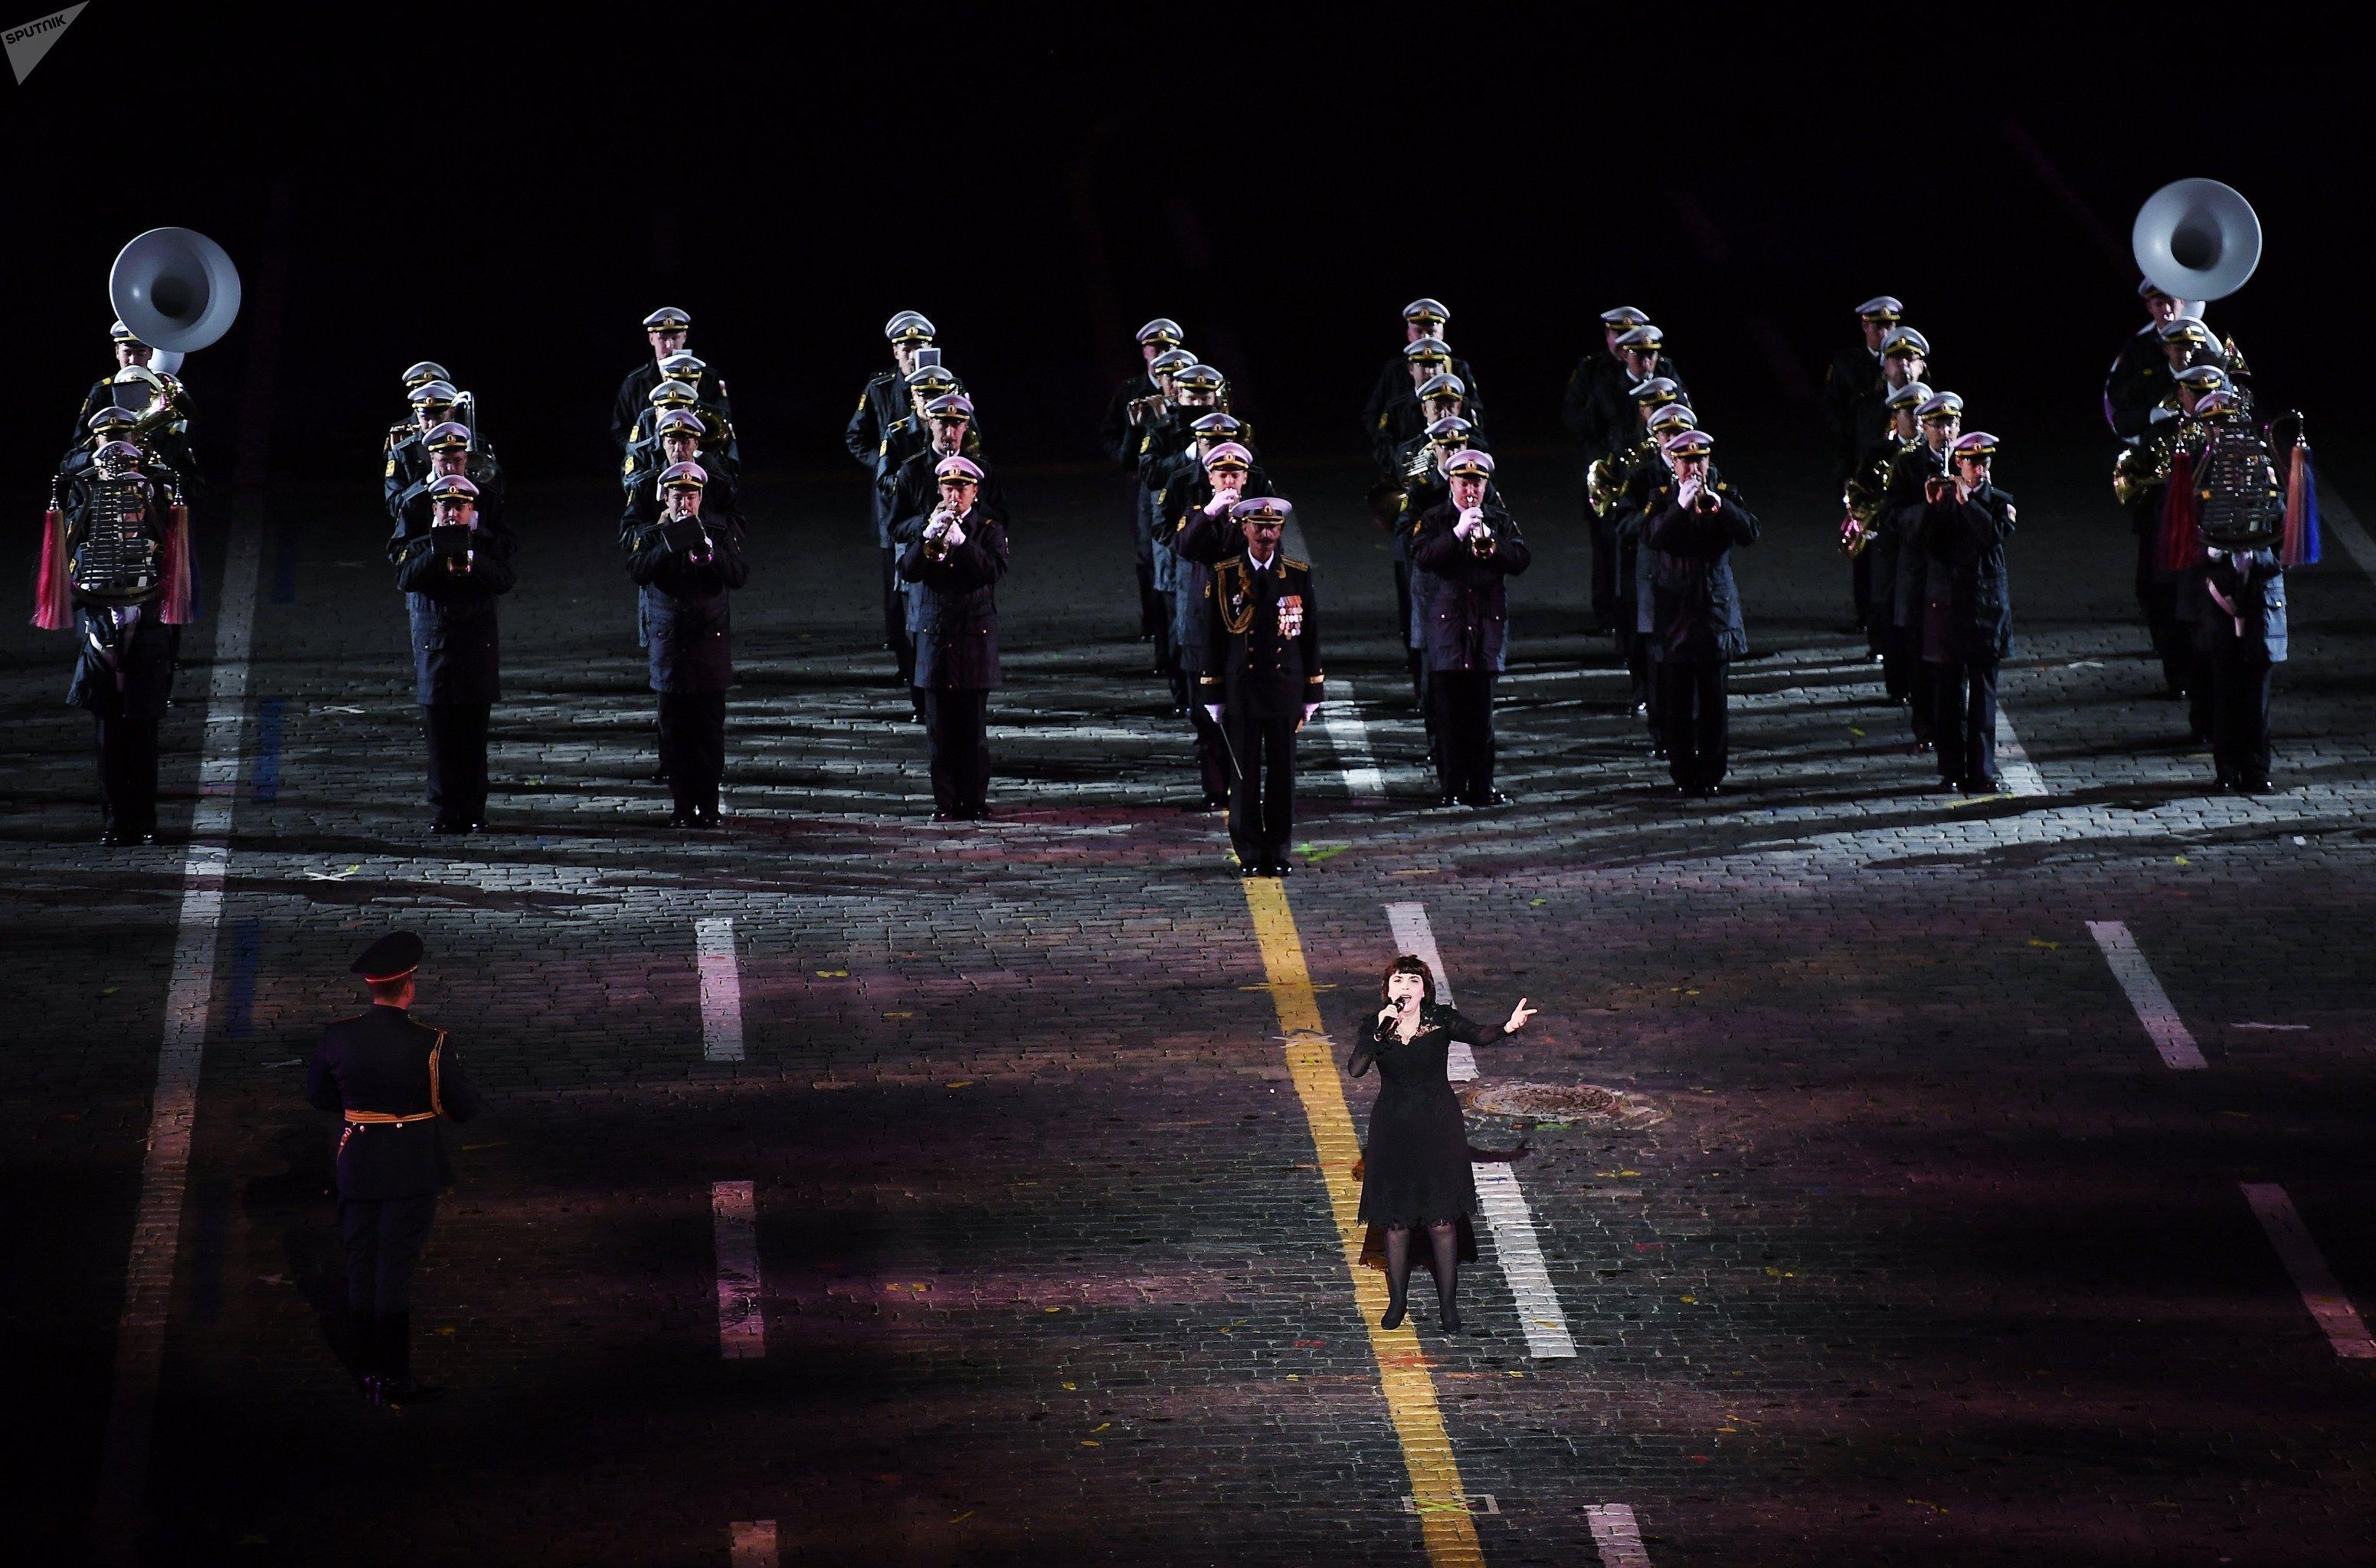 Mireille Mathieu à la cérémonie d'ouverture de la 10e édition du Festival international de musique militaire Tour Spasskaïa (Tour Saint-Sauveur)